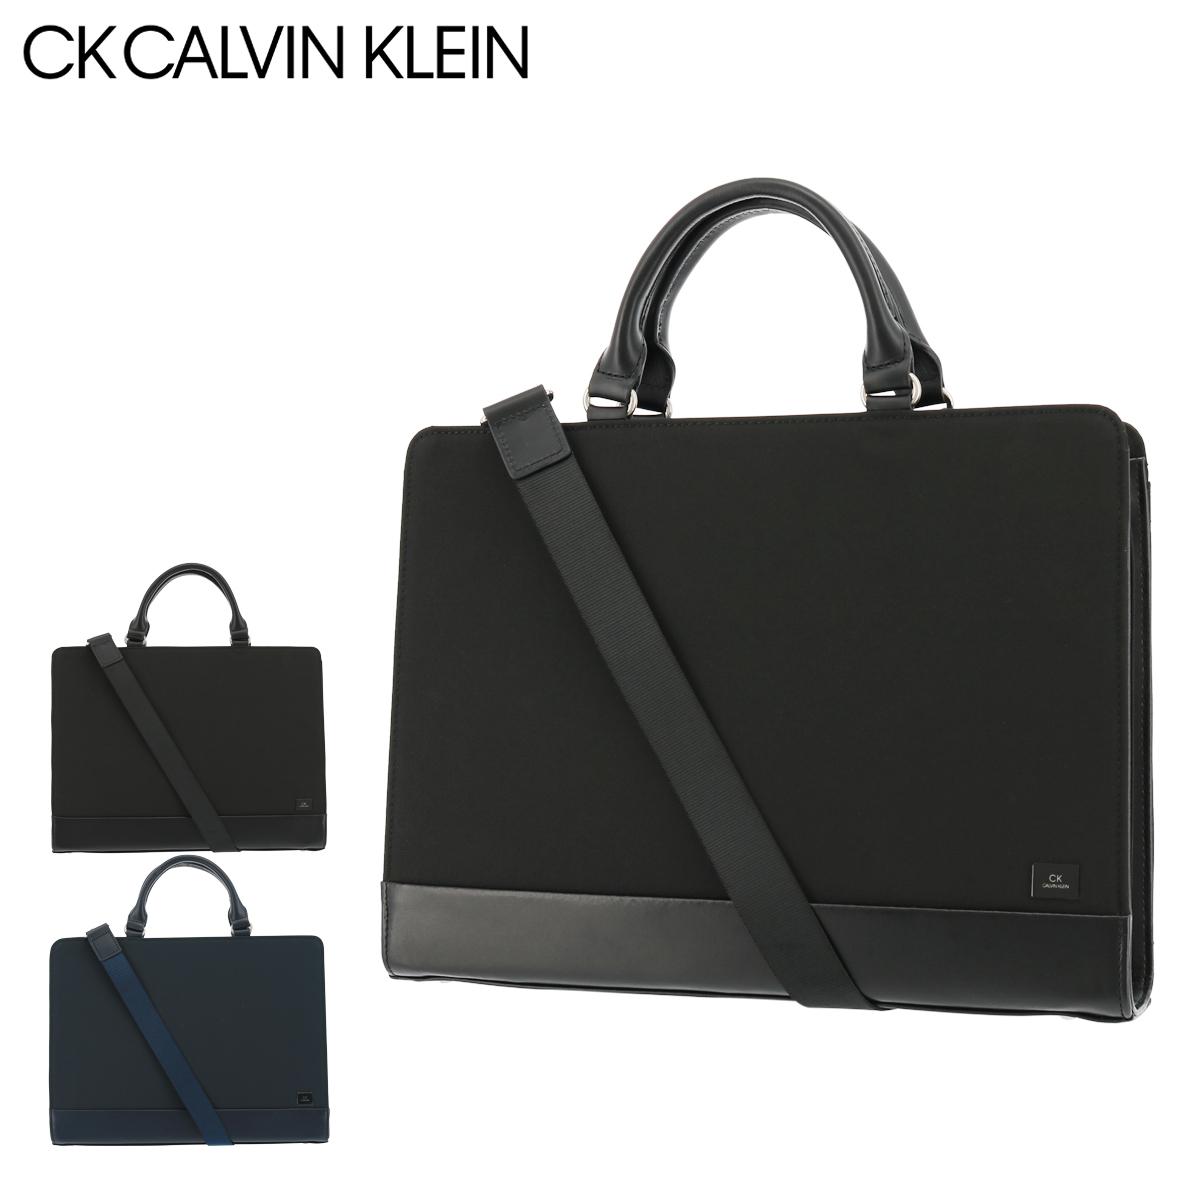 シーケーカルバンクライン ビジネスバッグ A4 2WAY スウィッチ メンズ802521 CK CALVIN KLEIN | ブリーフケース ショルダーバッグ [PO5]